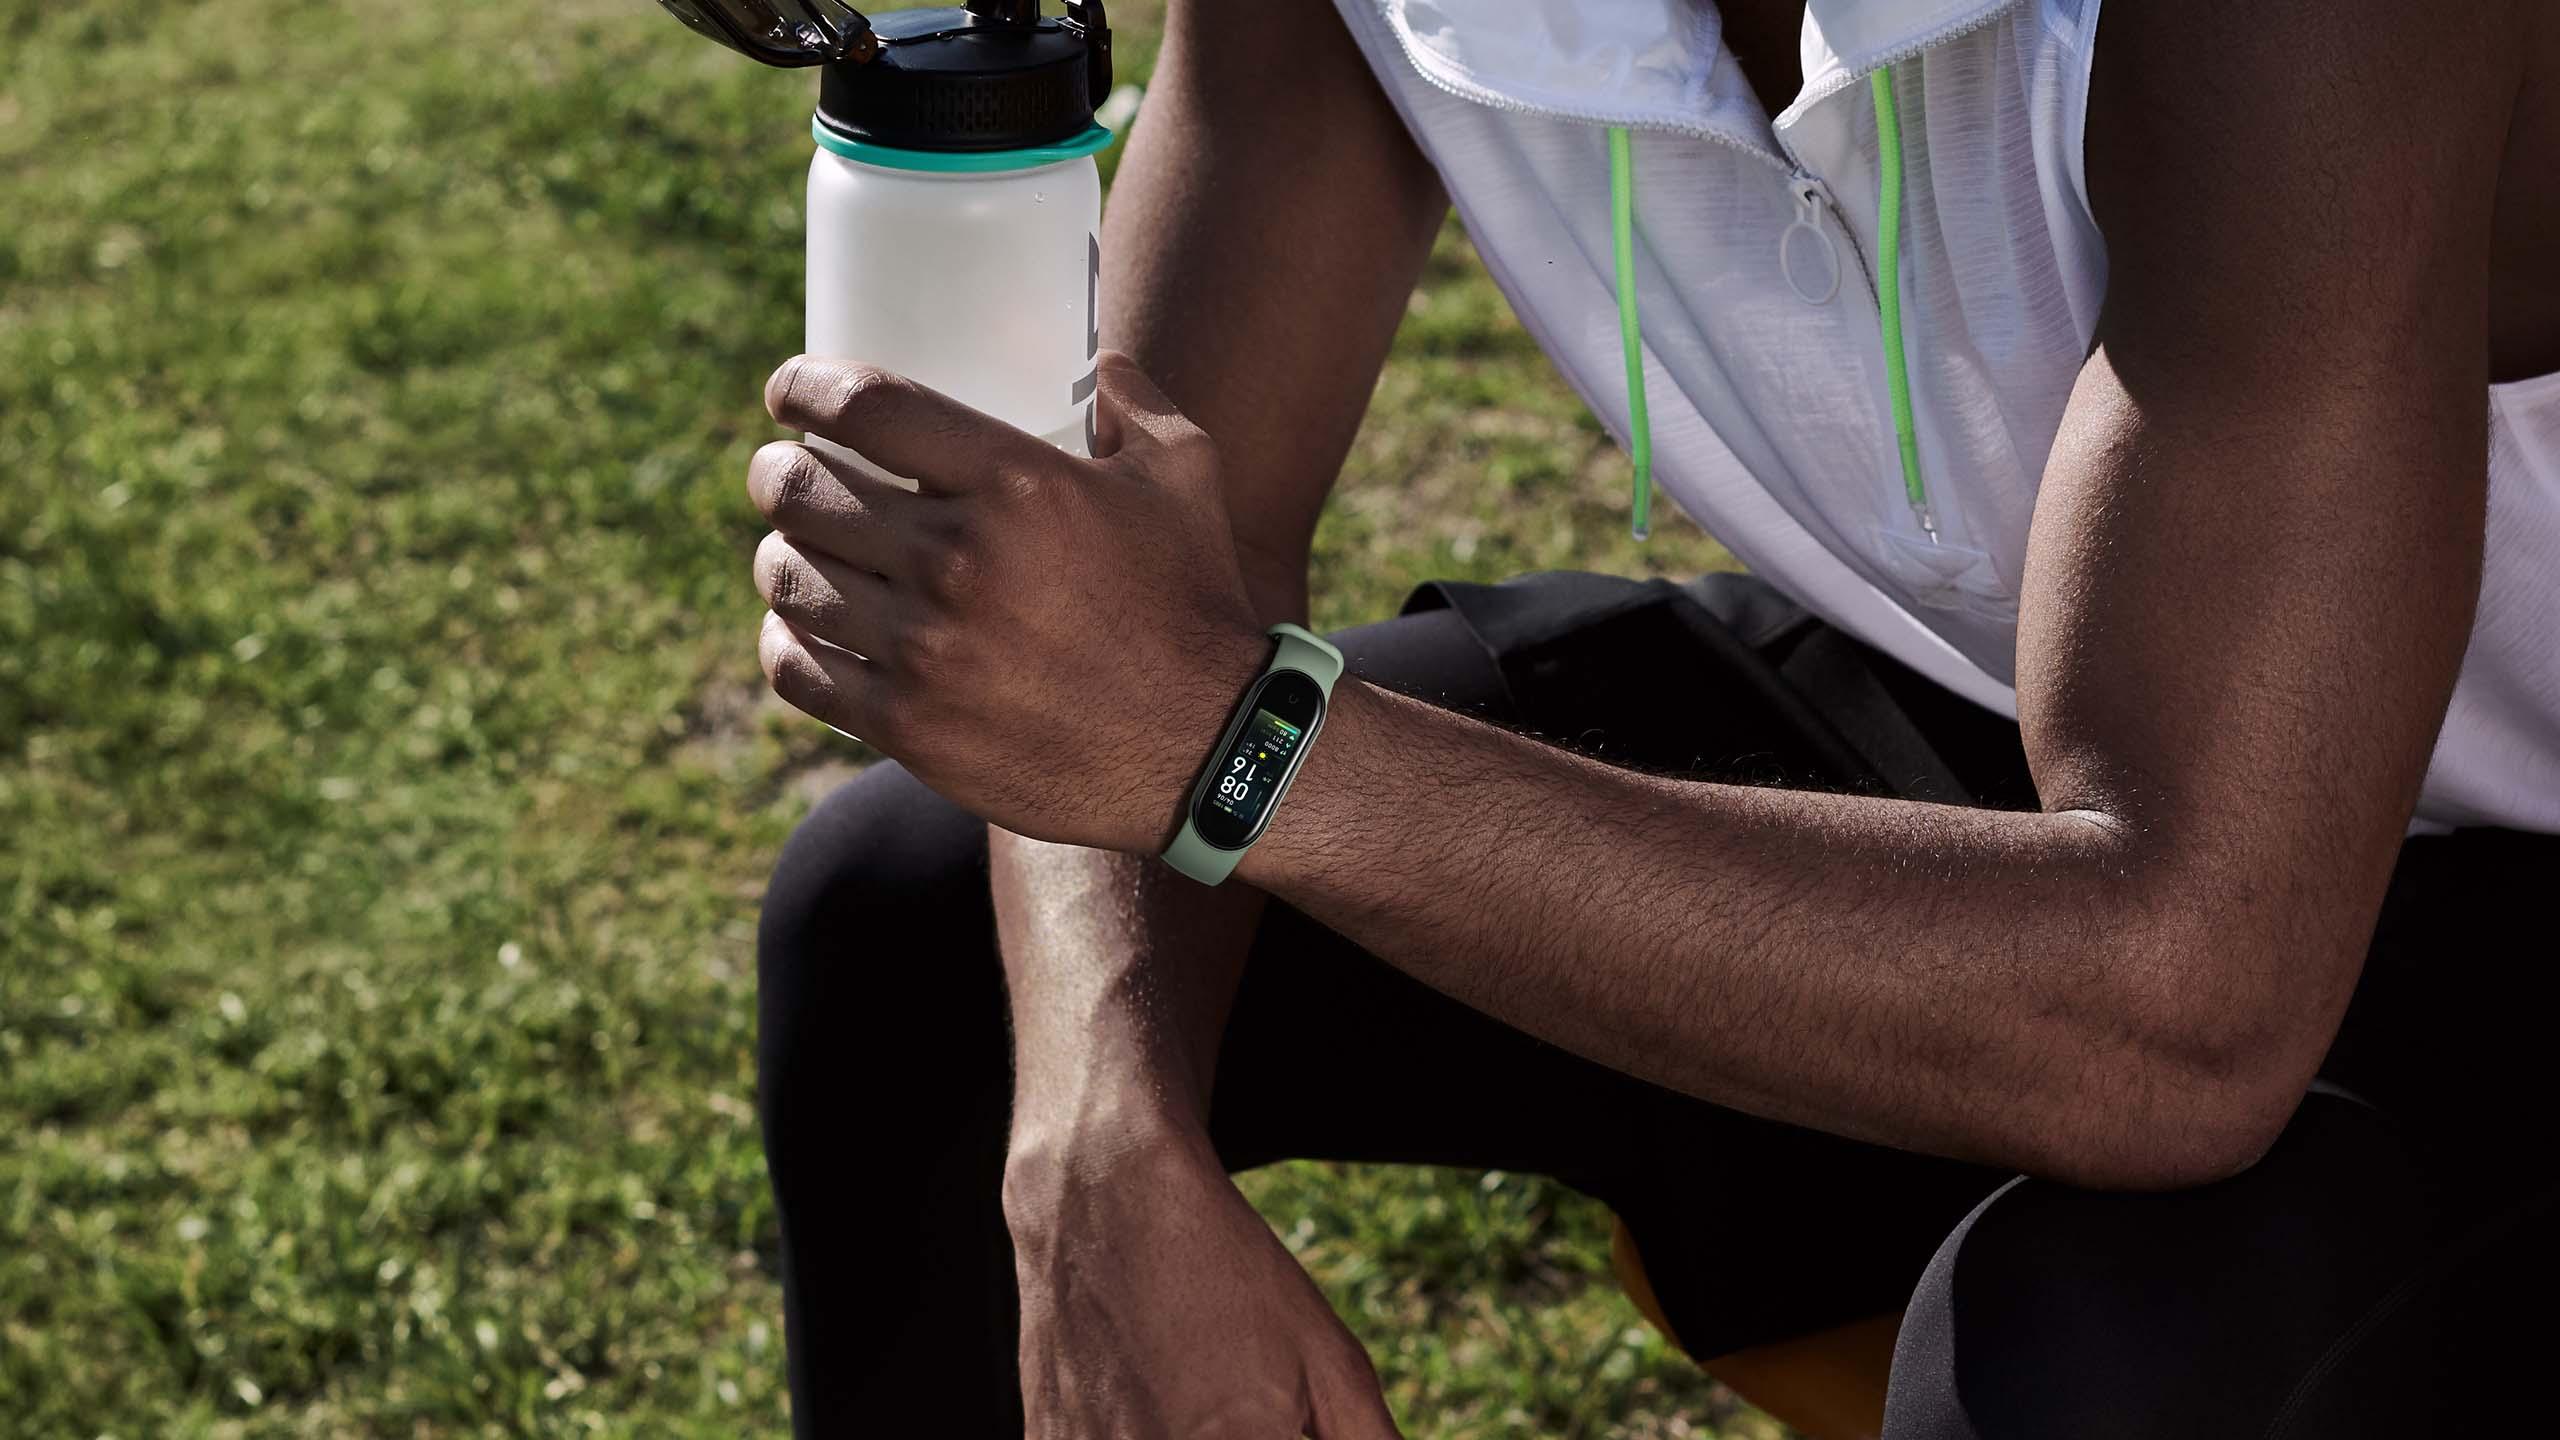 xiaomi Mi band 5 akıllı saat bileklik spor yapan adam su şişesi doğa park